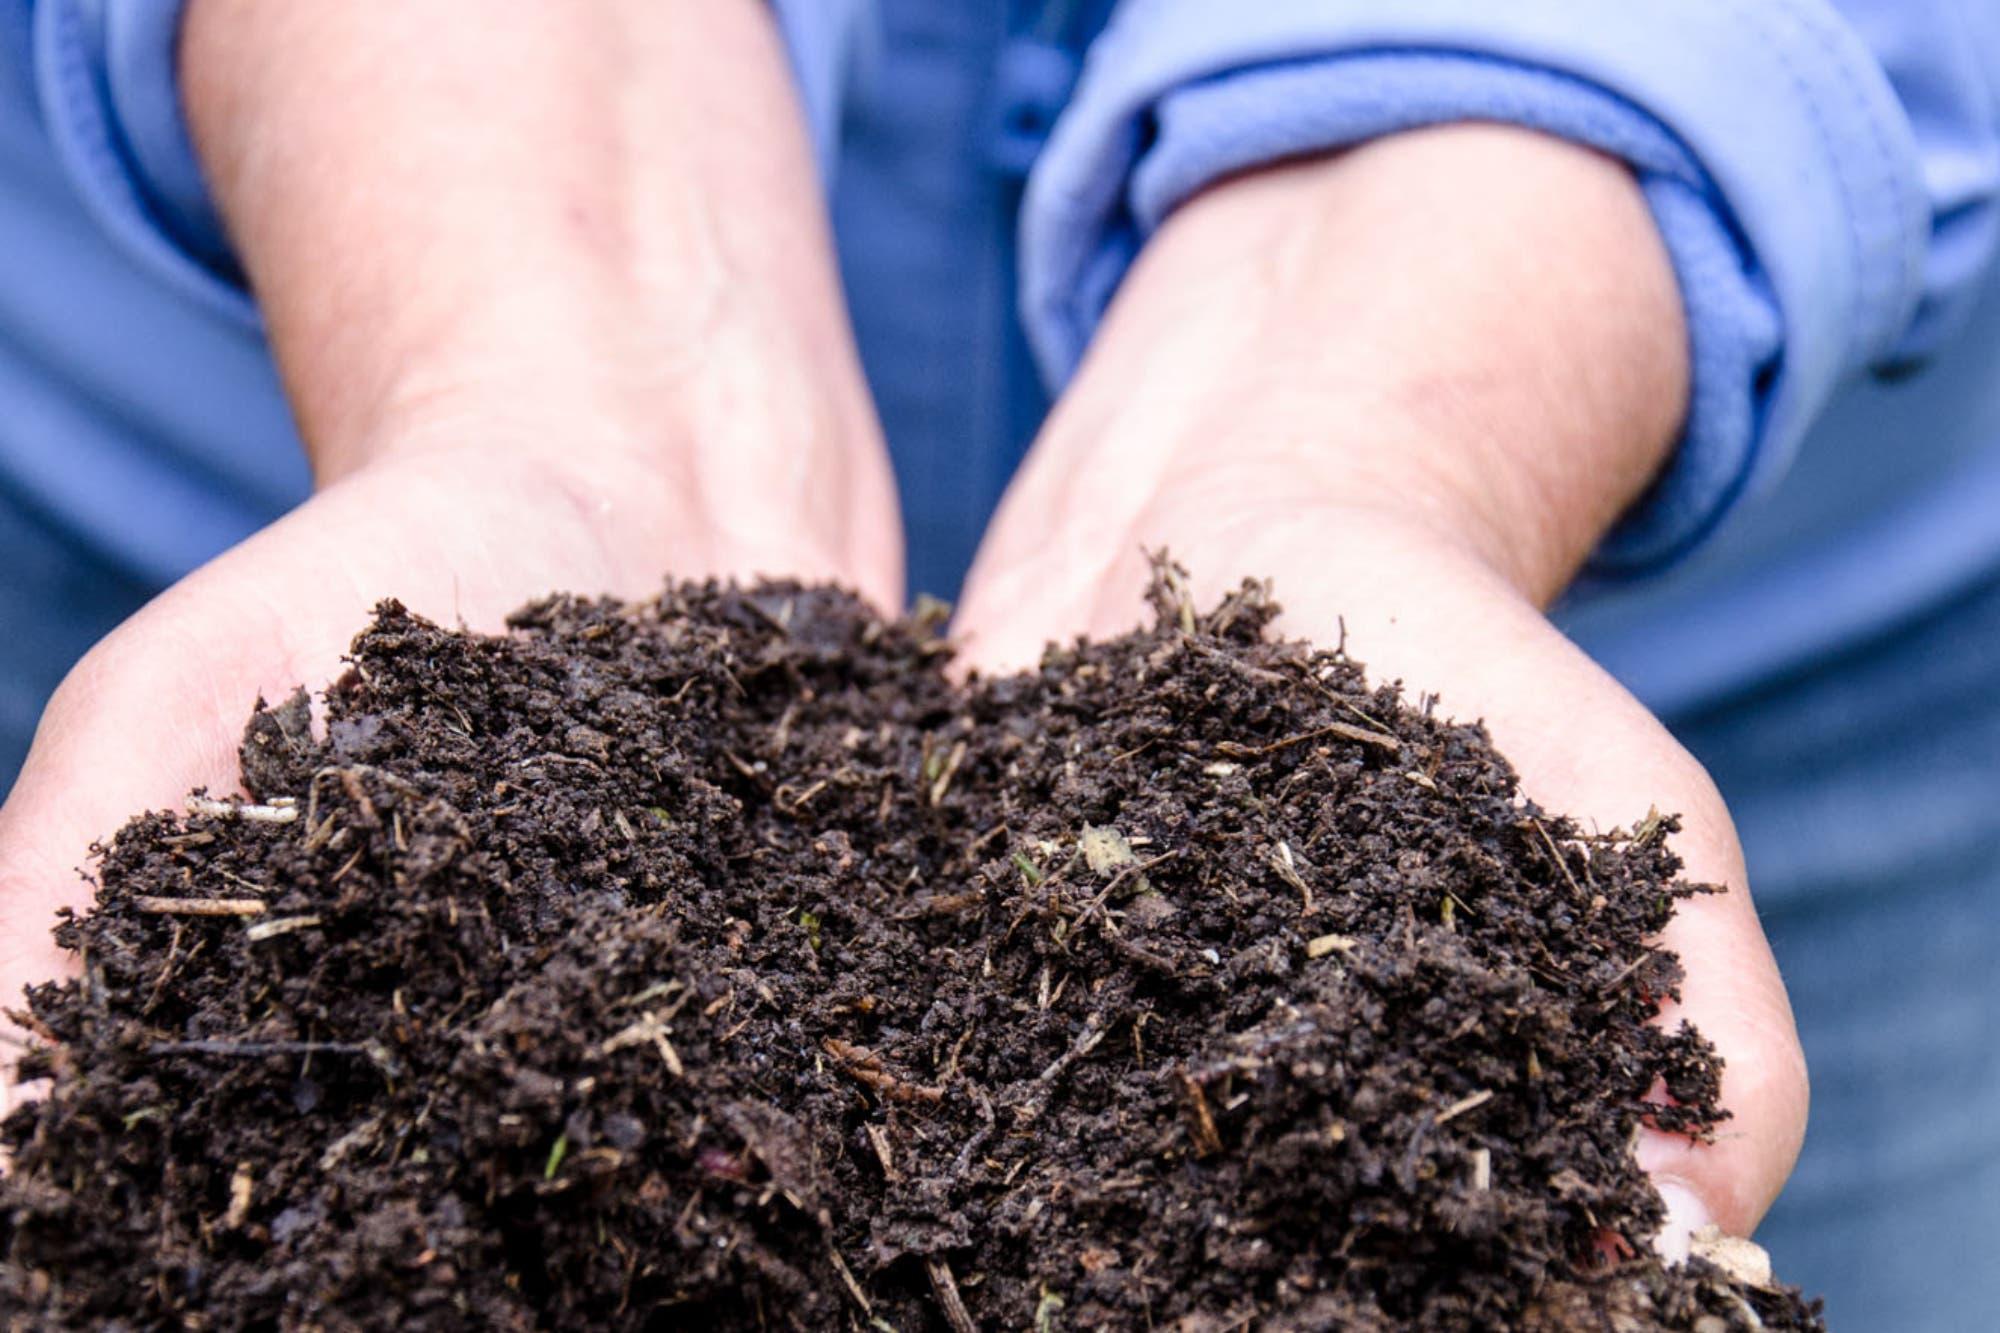 Diez preguntas para lograr un buen compost - LA NACION